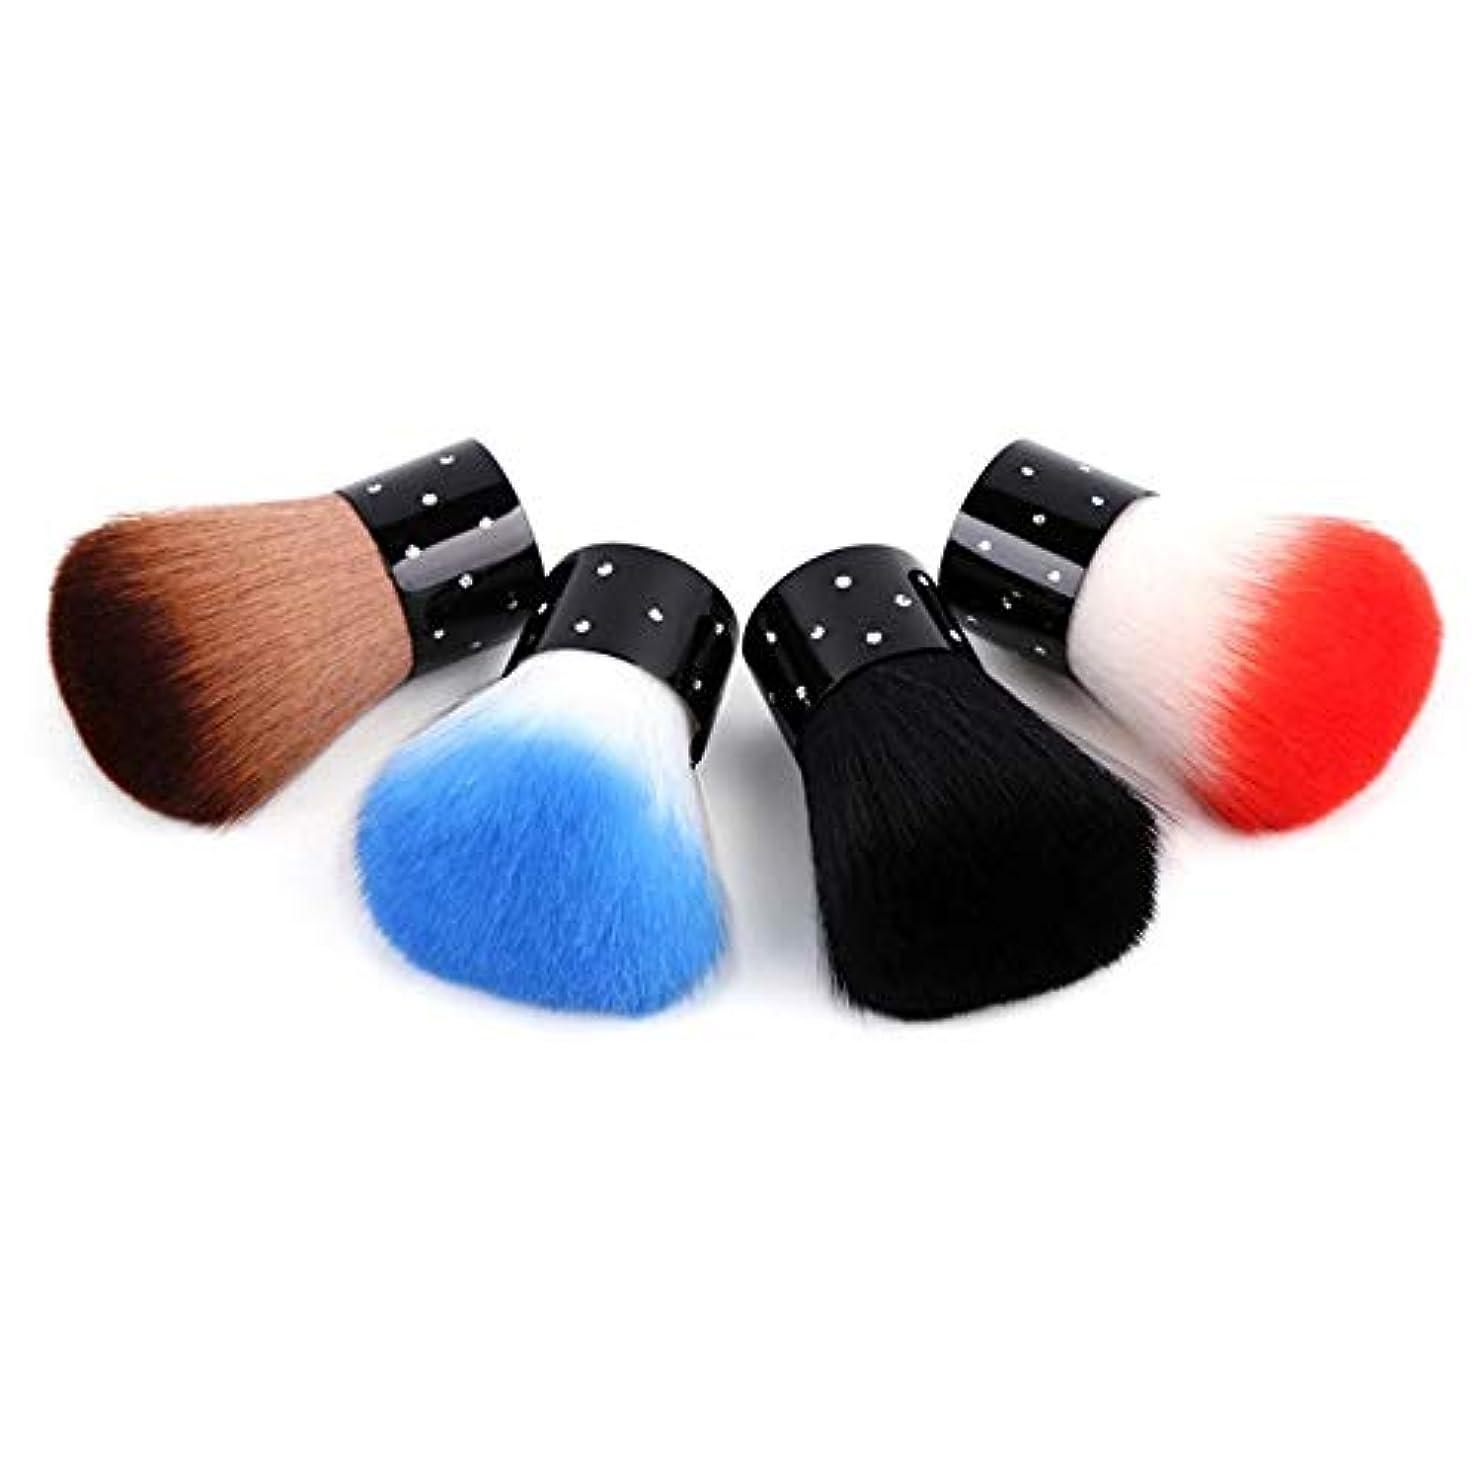 子犬社交的あなたは円形 ハンドルが付き ネイル 塵 ブラシ 釘の粉のクリーニングブラシのきのこの柔らかいナイロン剛毛